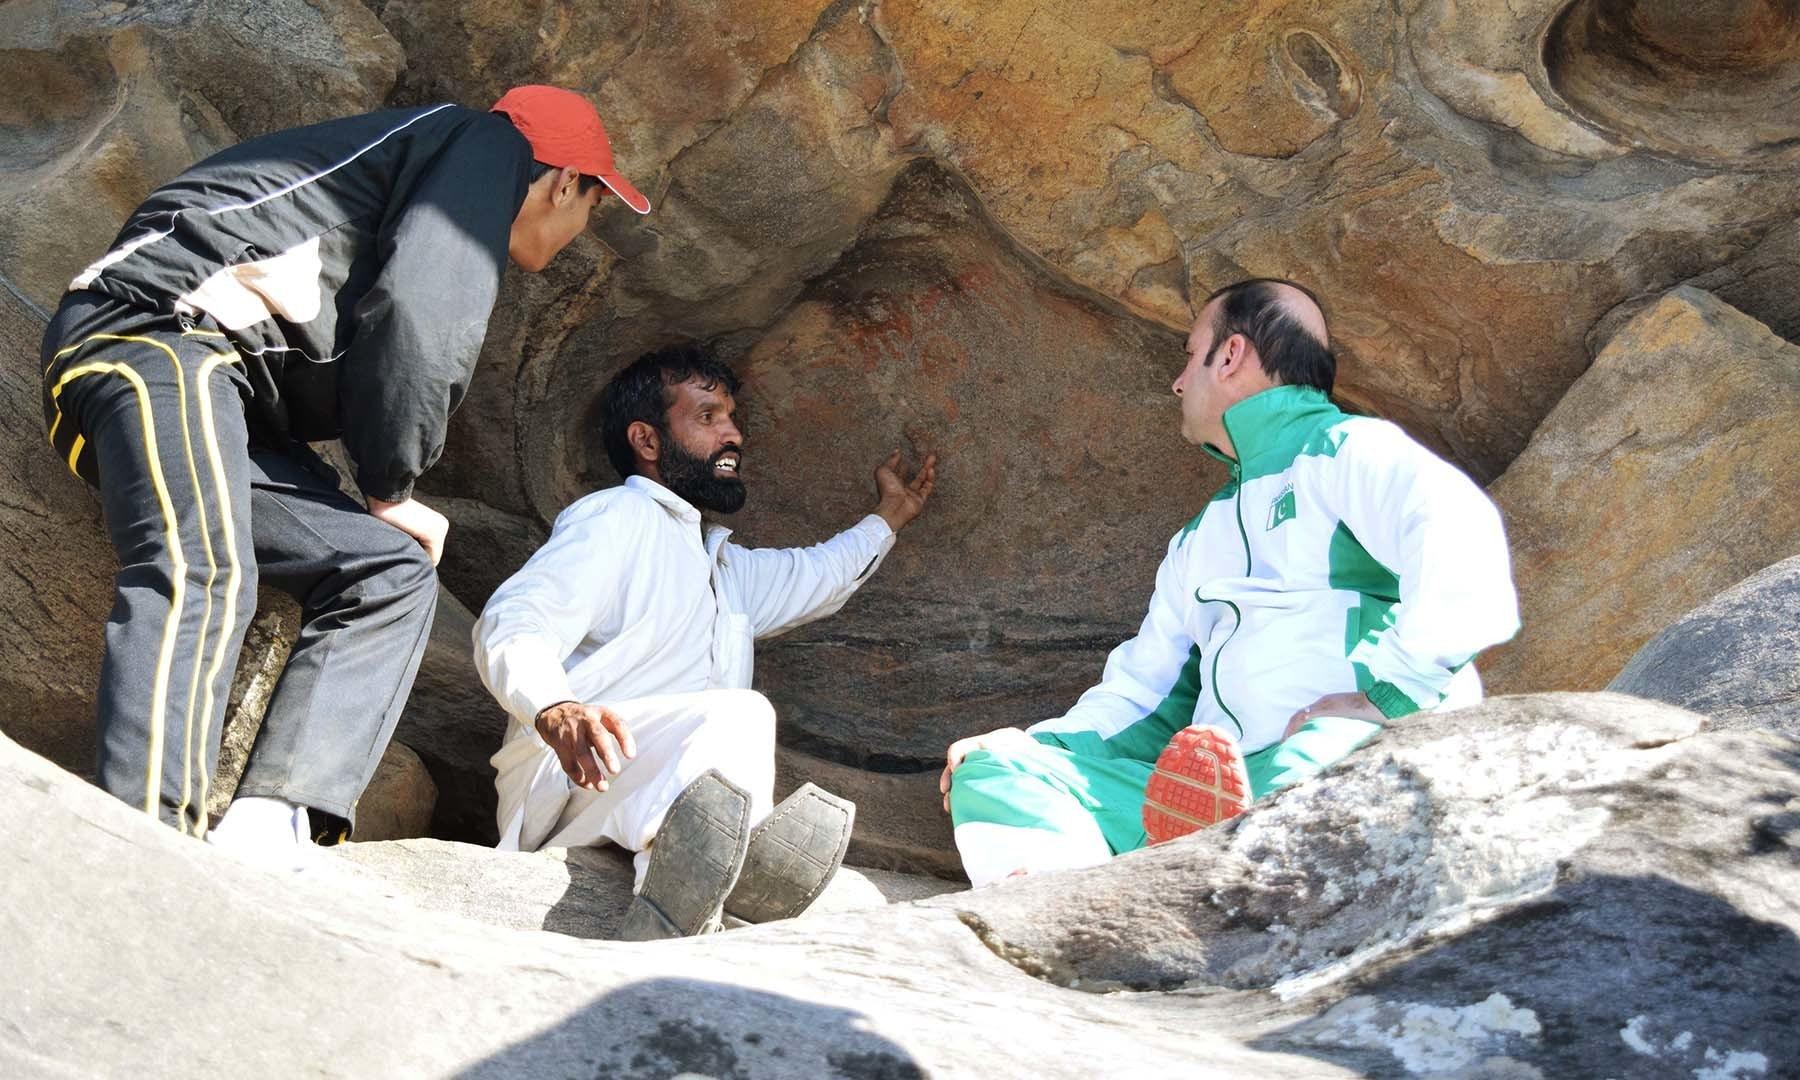 گائیڈ سیاحوں کو پینٹنگز کے حوالے سے آگاہ کر رہا ہے— امجد علی سحاب